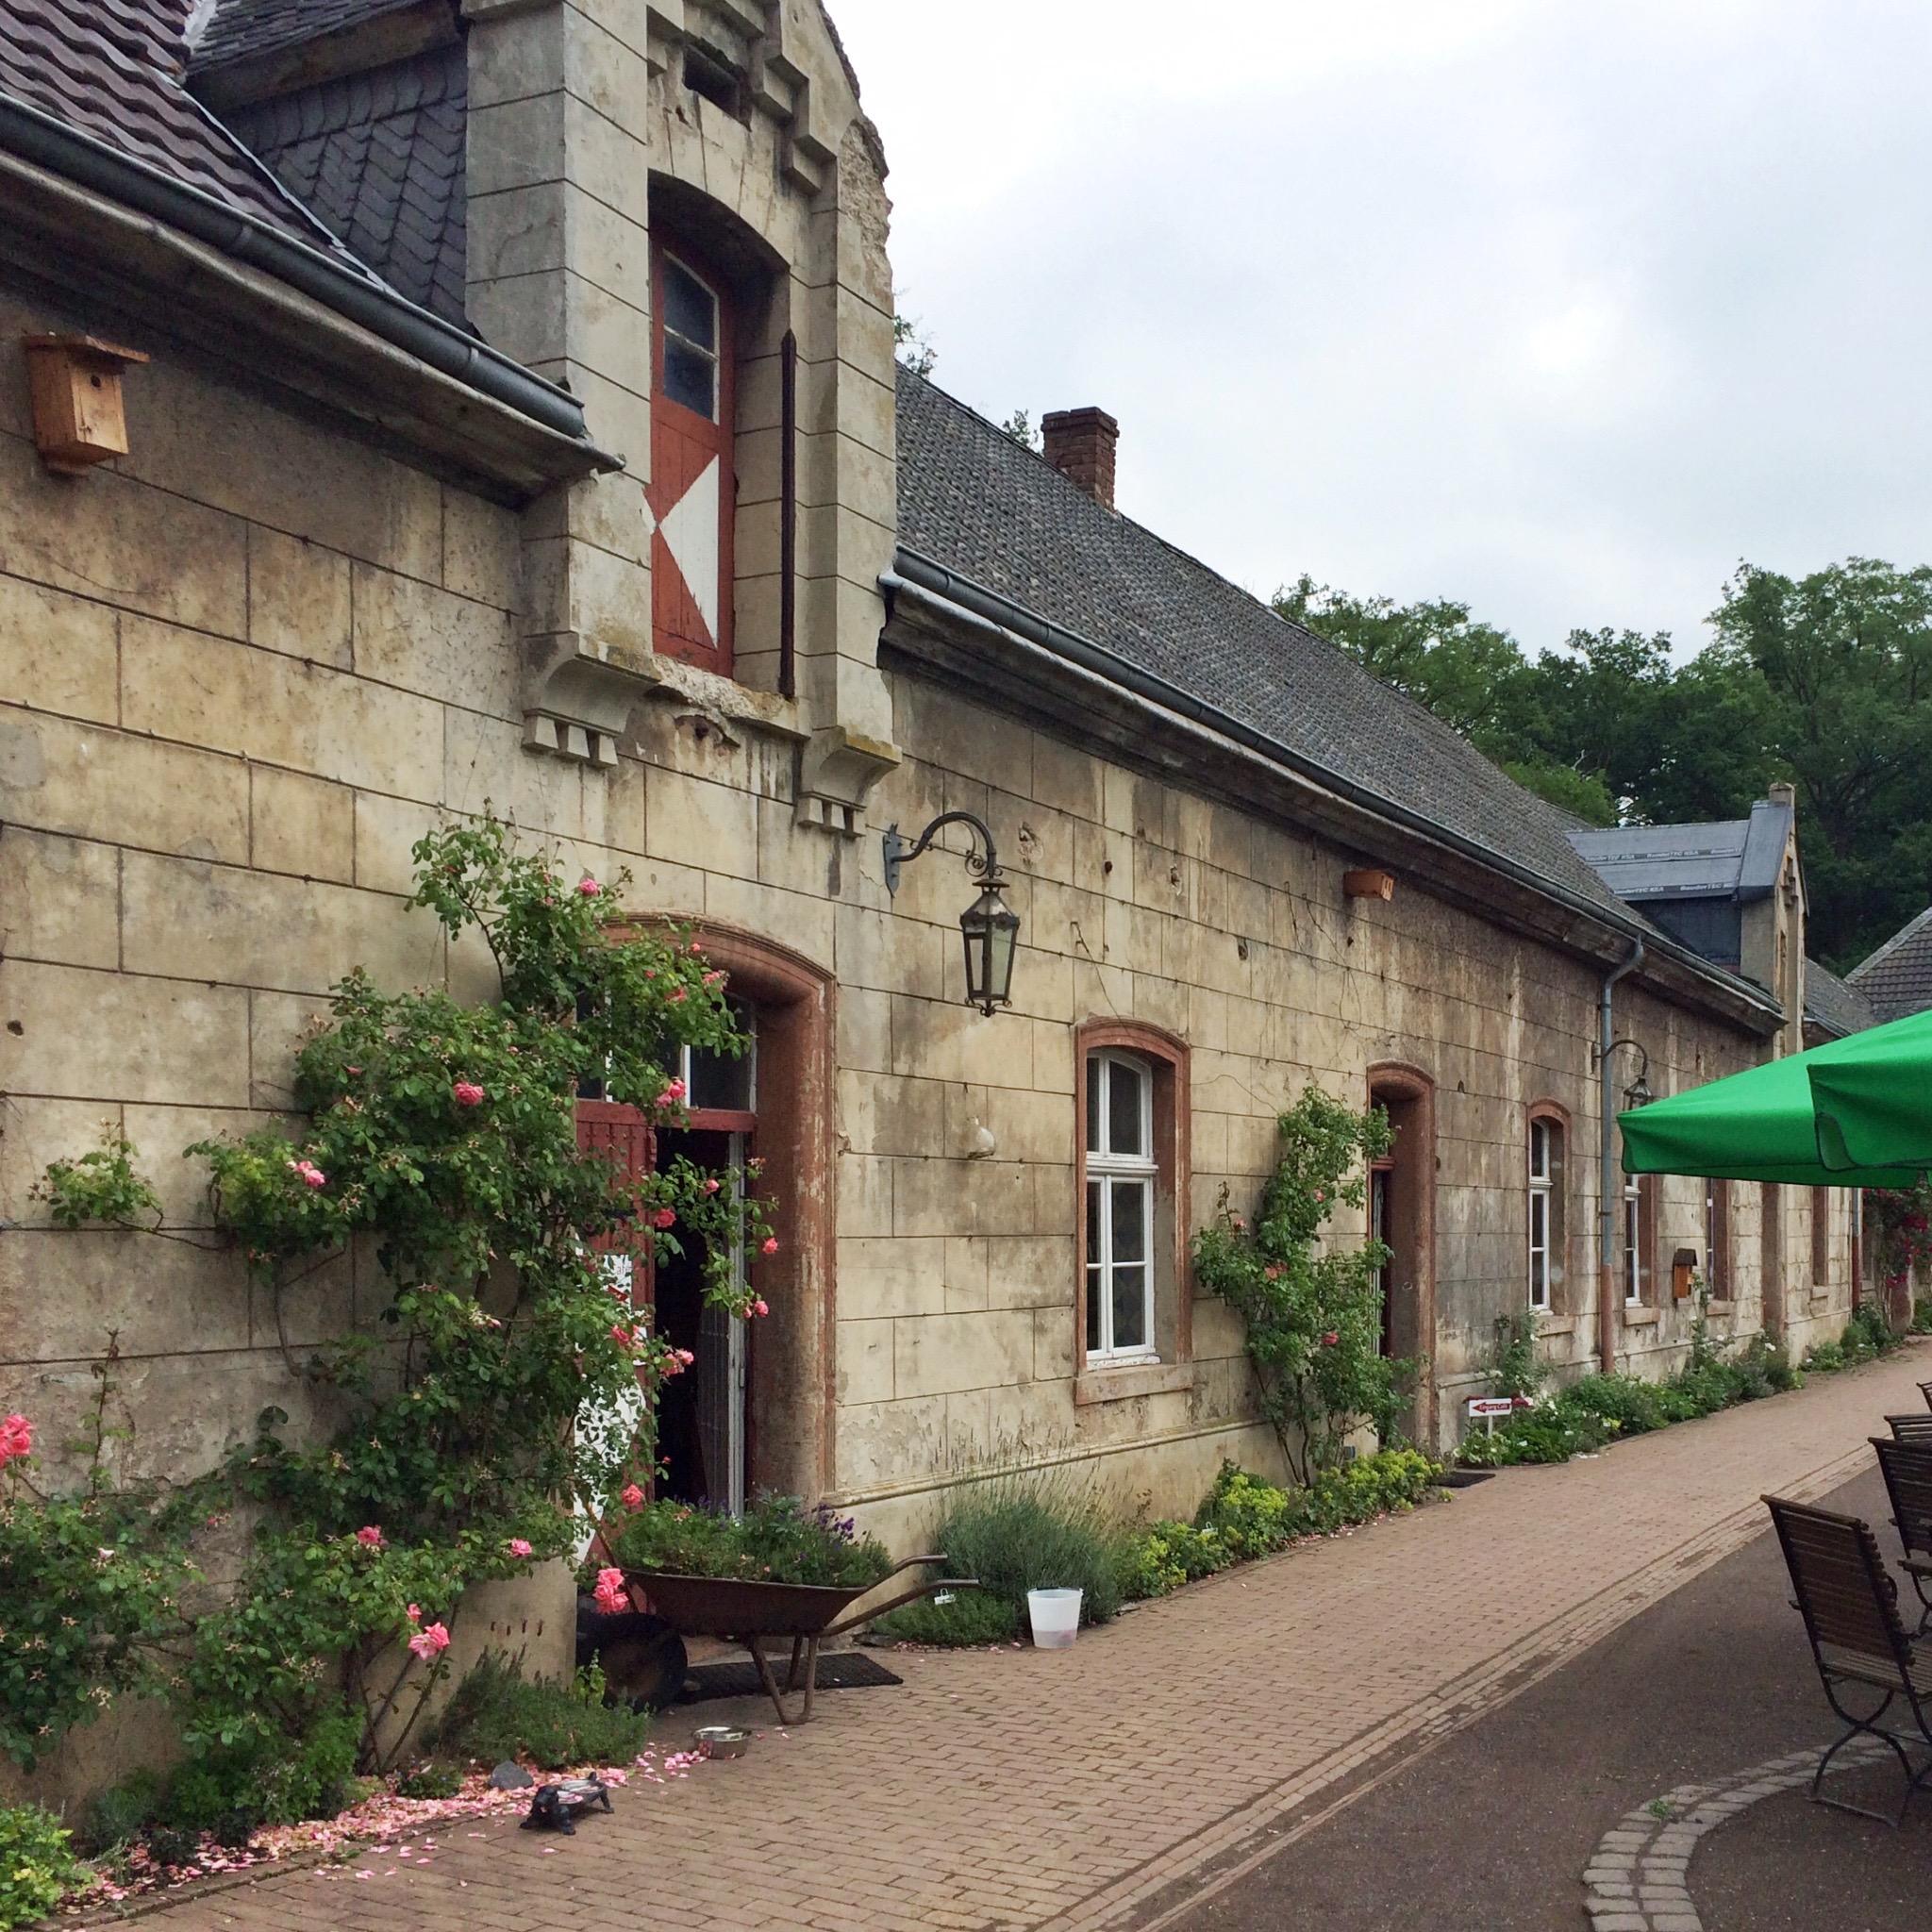 Café Schloss Türnich, Schlosstraße, Schloss Türnich in Türnich/ Kerpen.